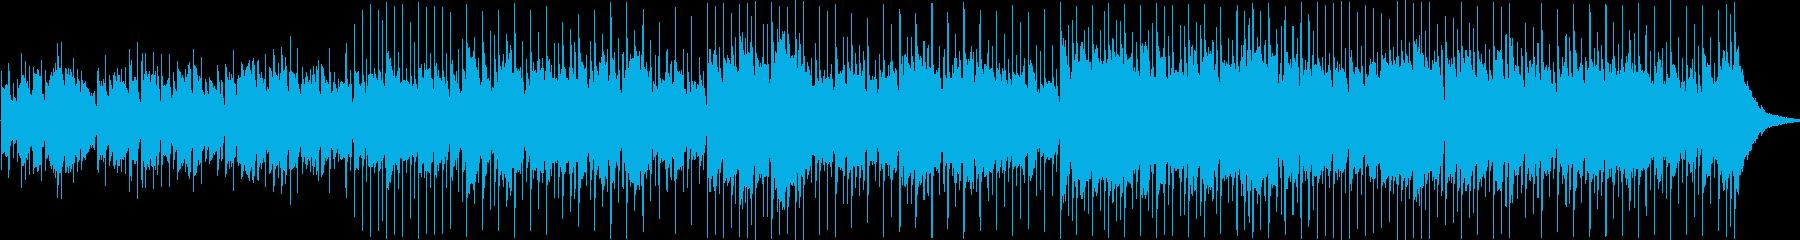 ロマンスの再生済みの波形